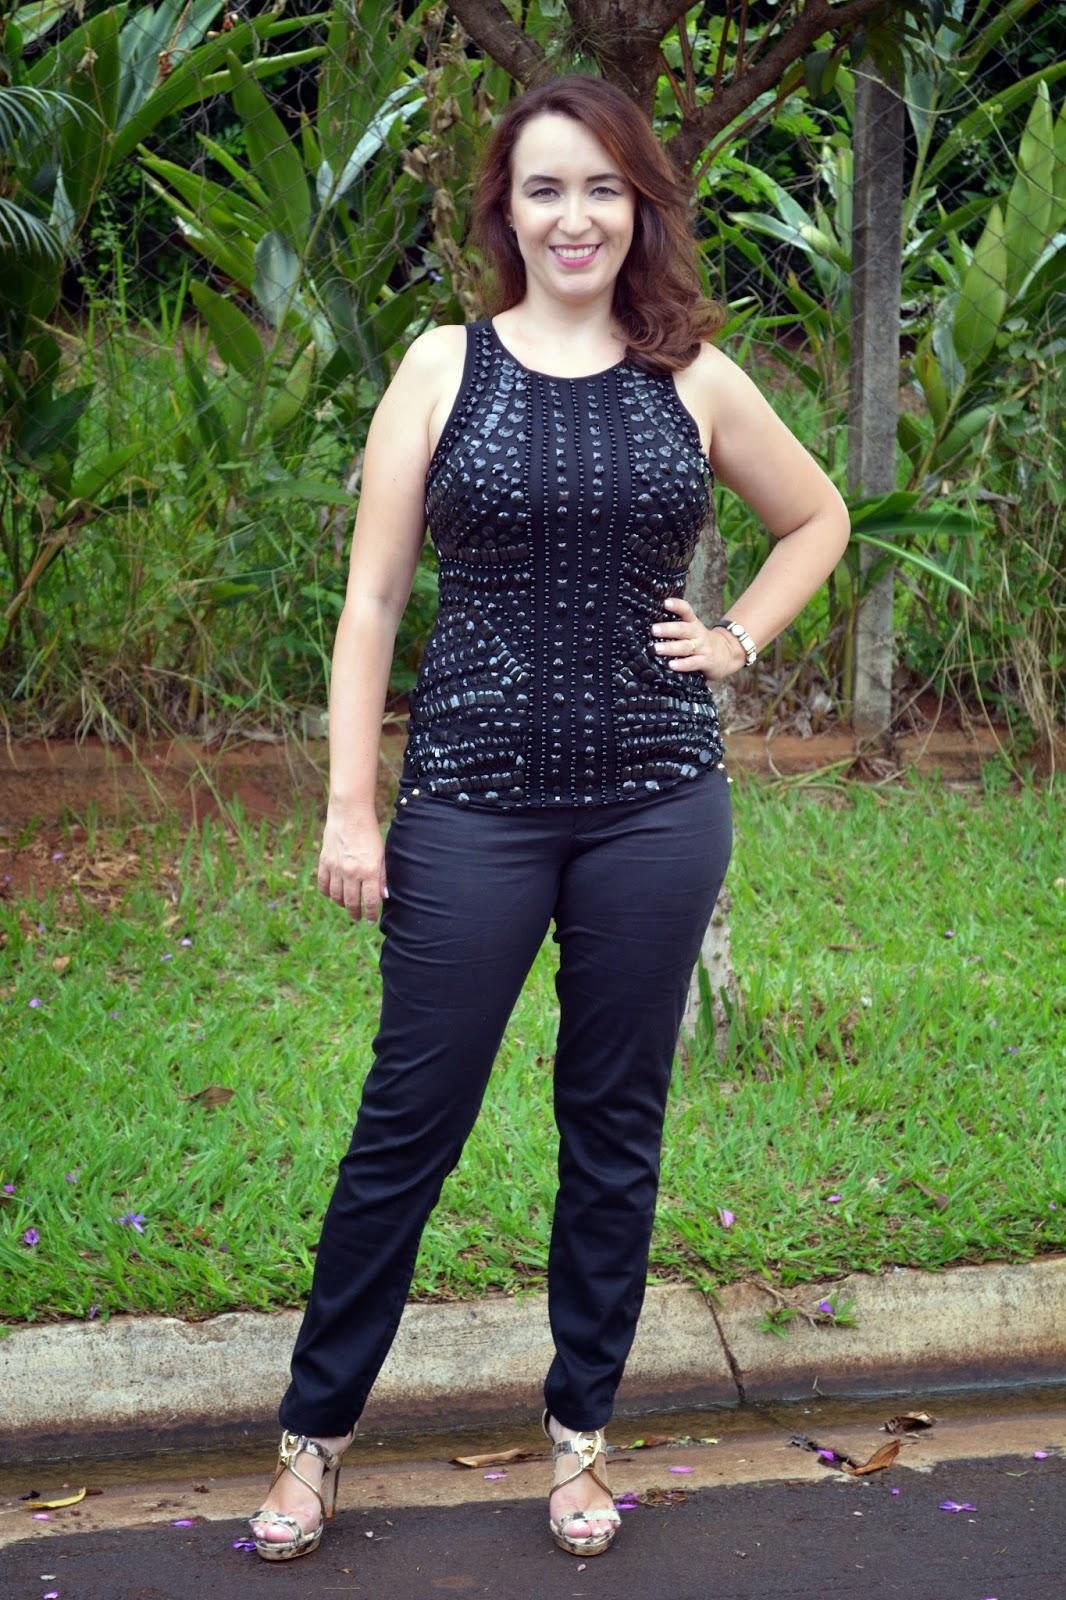 look monocromático preto, cores monocromáticas, blog camila andrade, blogueira de moda em ribeirão preto, fashion blogger, look sofisticado, blusa com pedrarias, pamela zanandréa, snake print